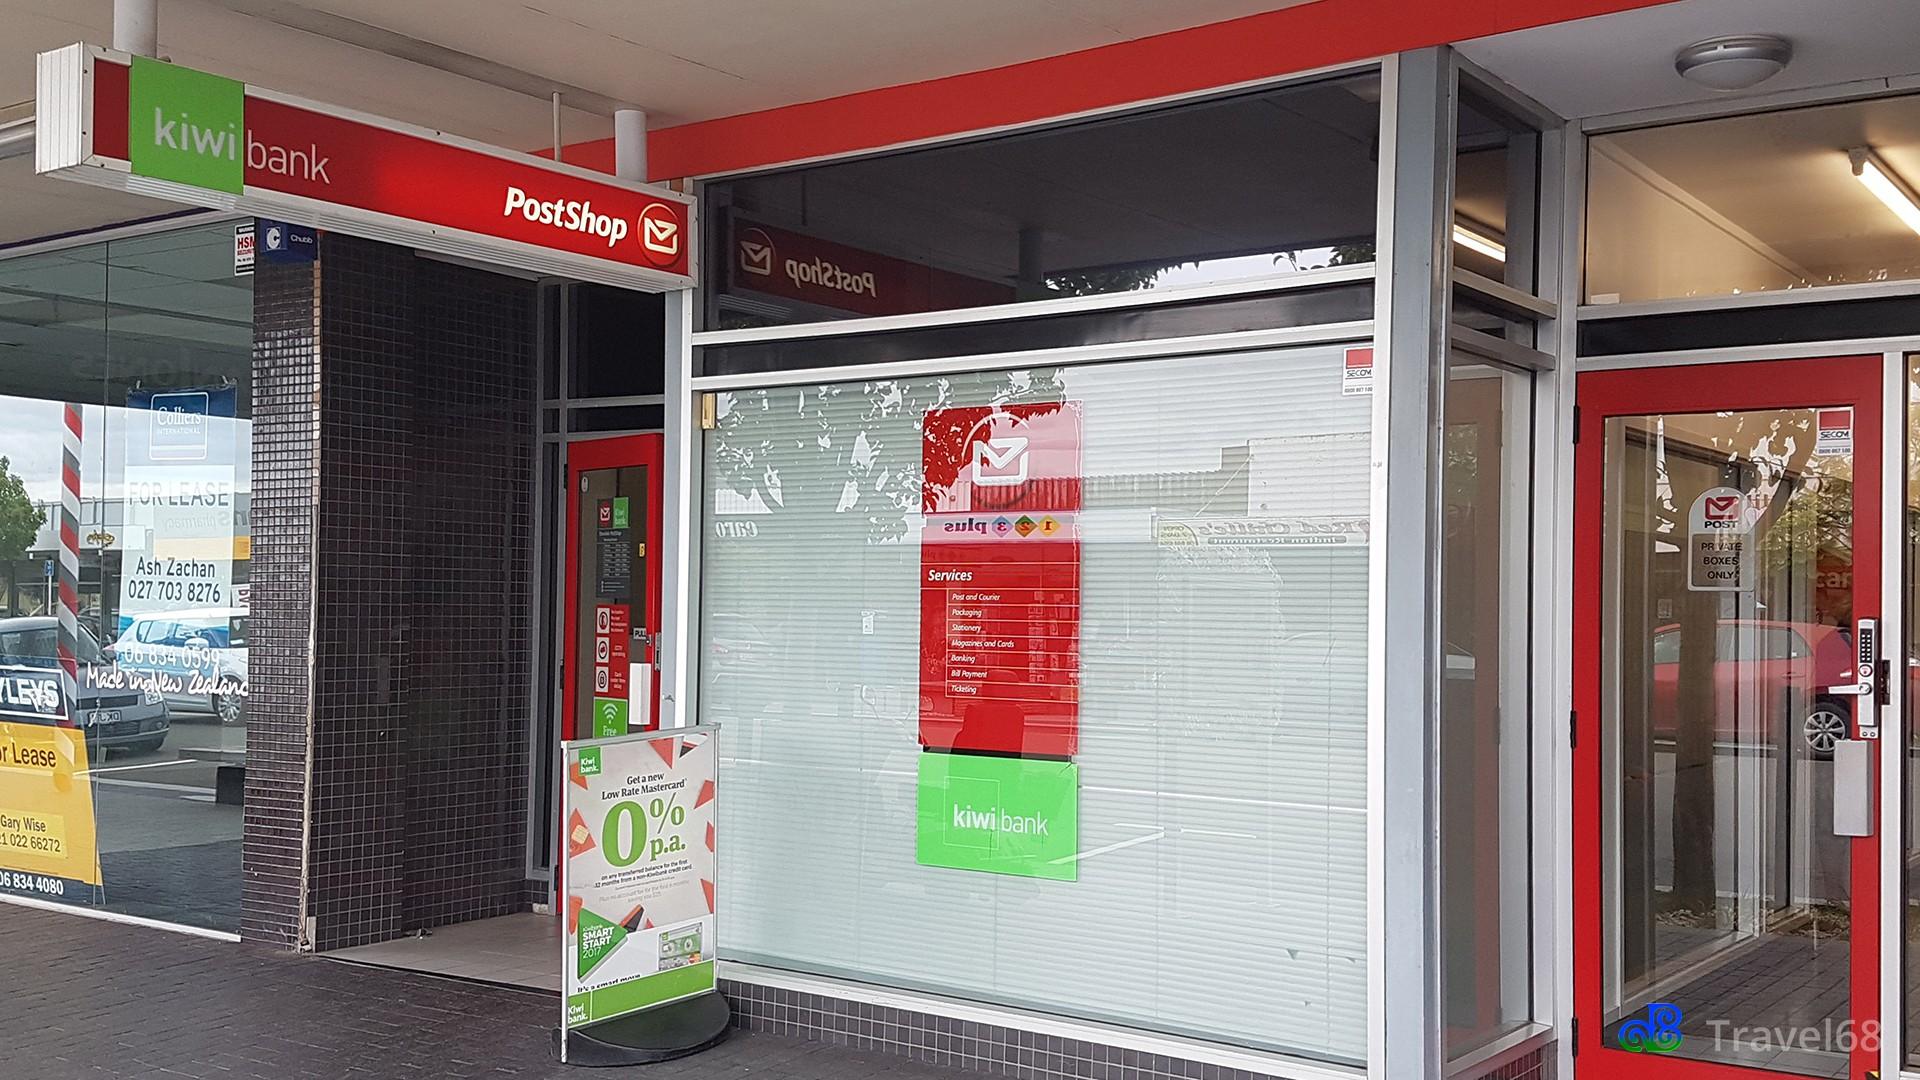 Je ziet ze vaker samen de kiwibank en de postkantoor